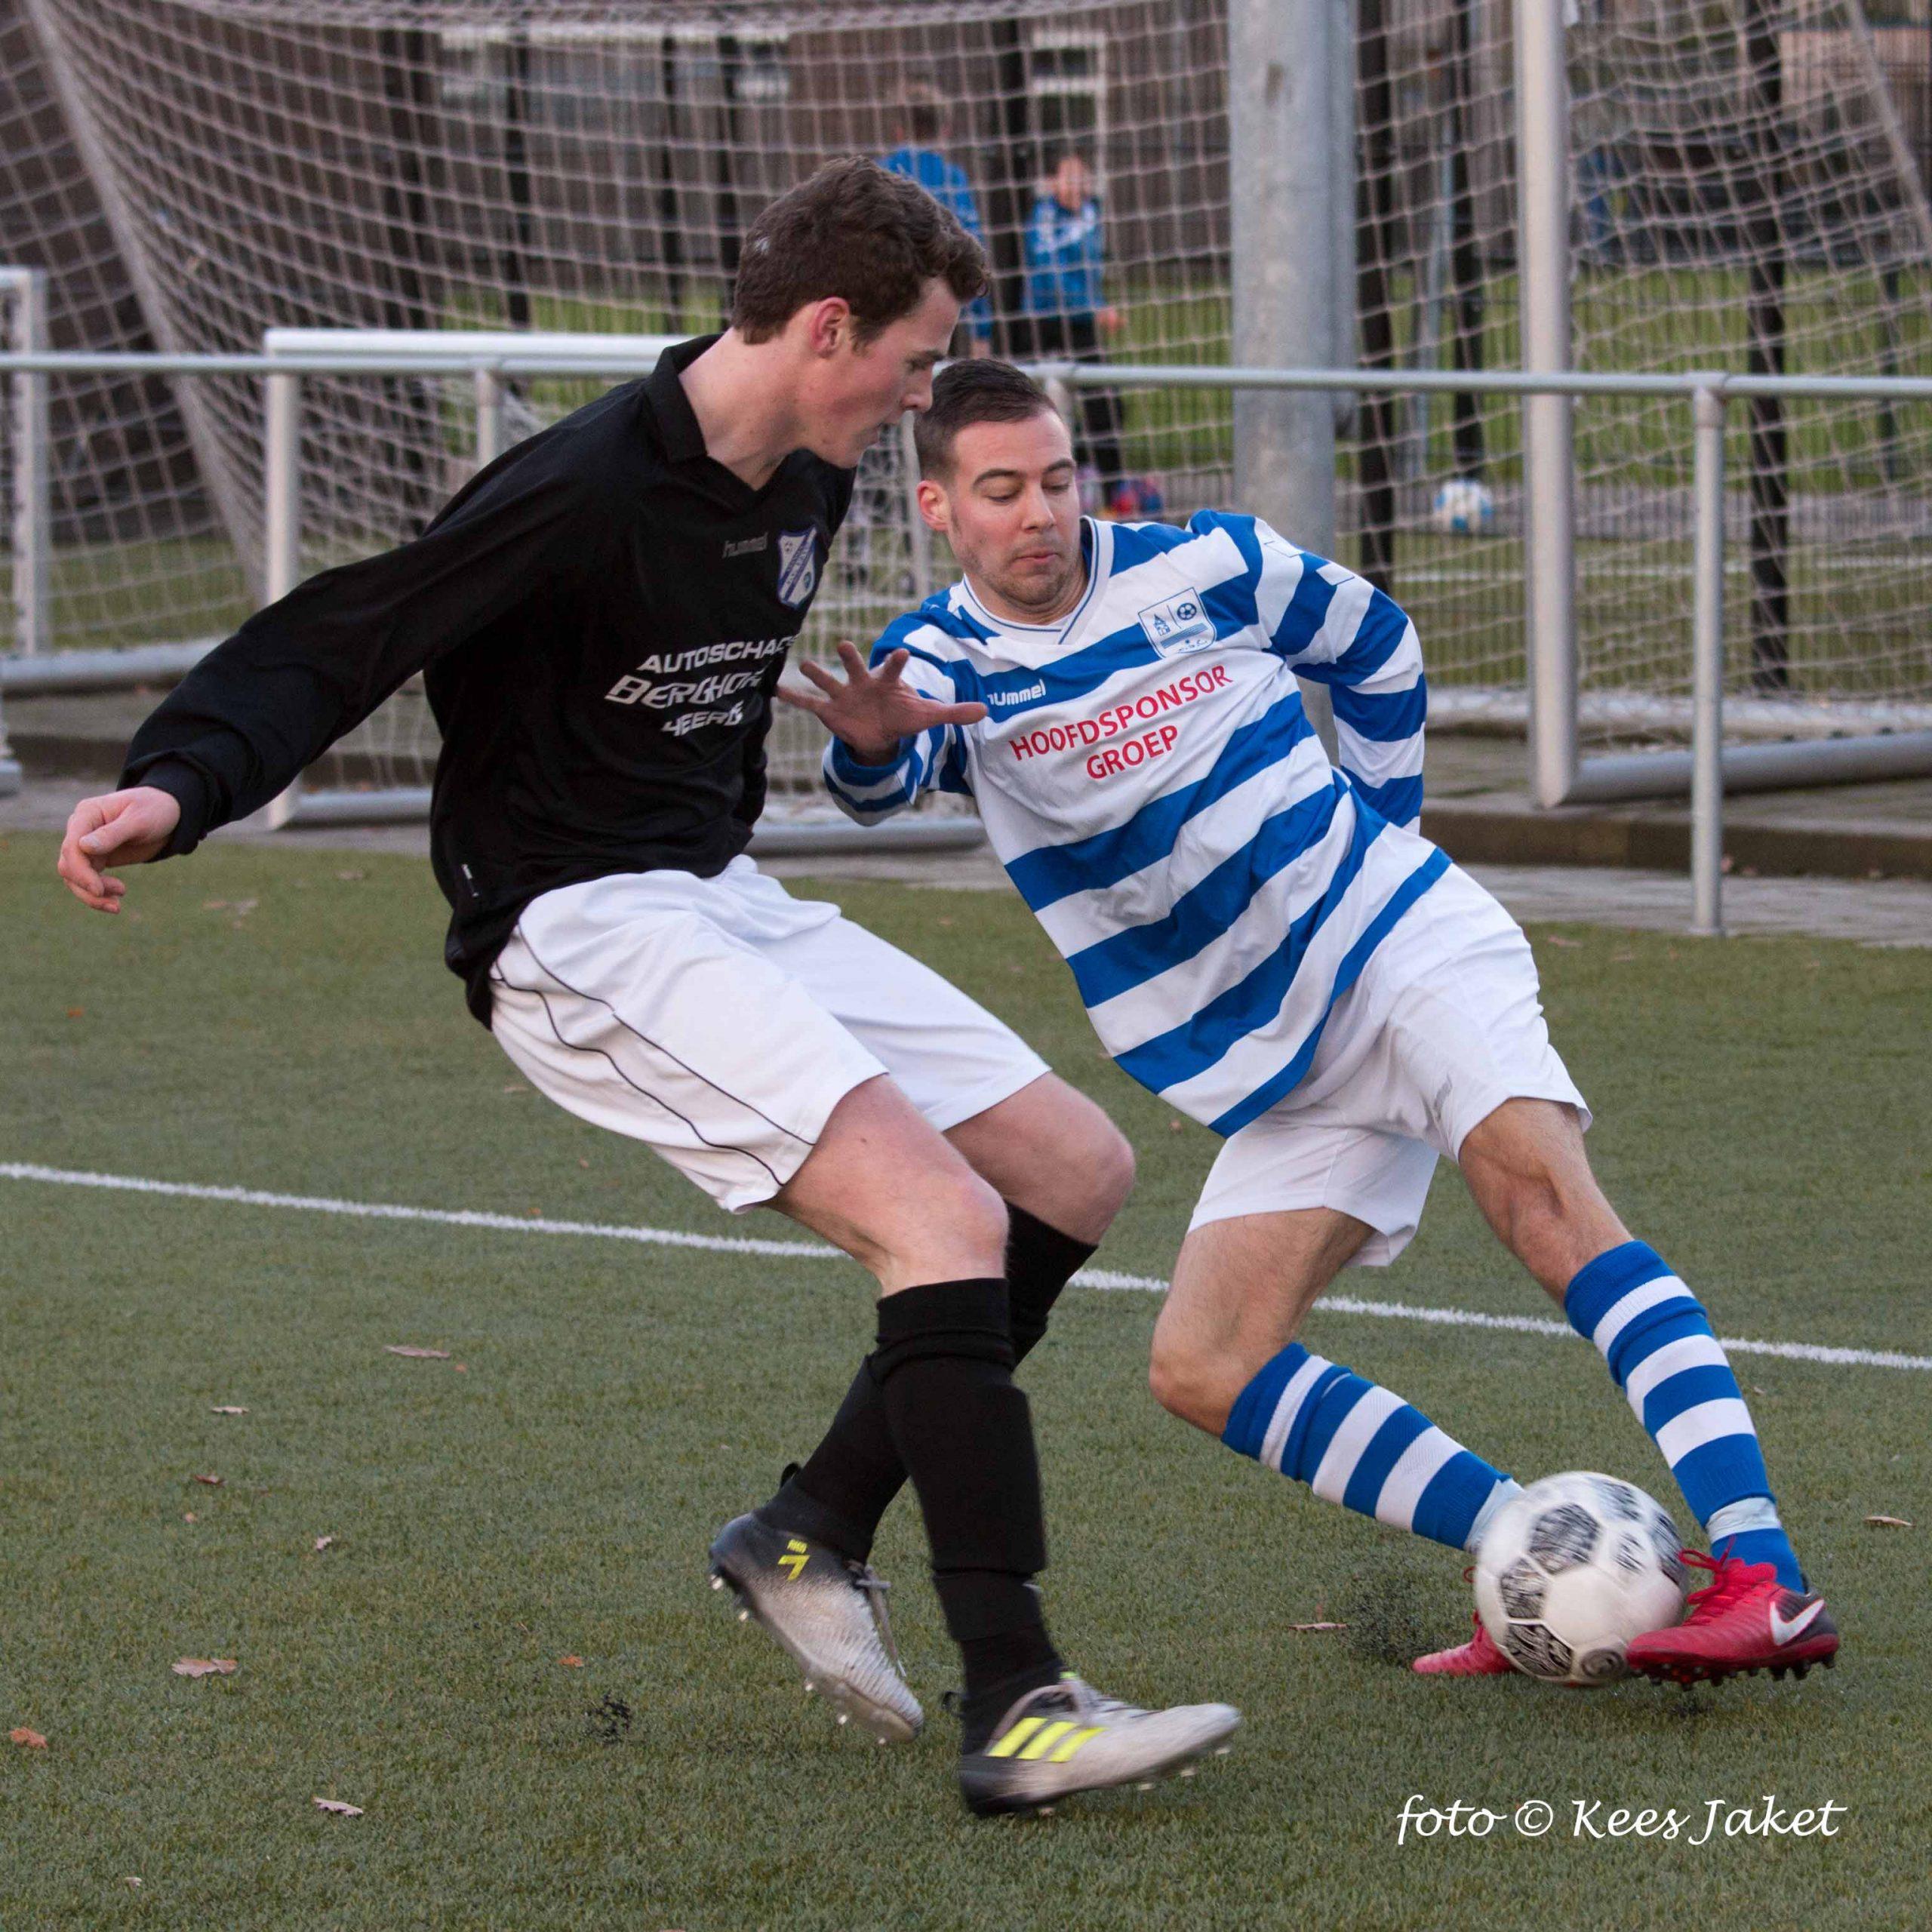 Elburger Sportclub wint laatste thuiswedstrijd met 5-3 - Elburger SC